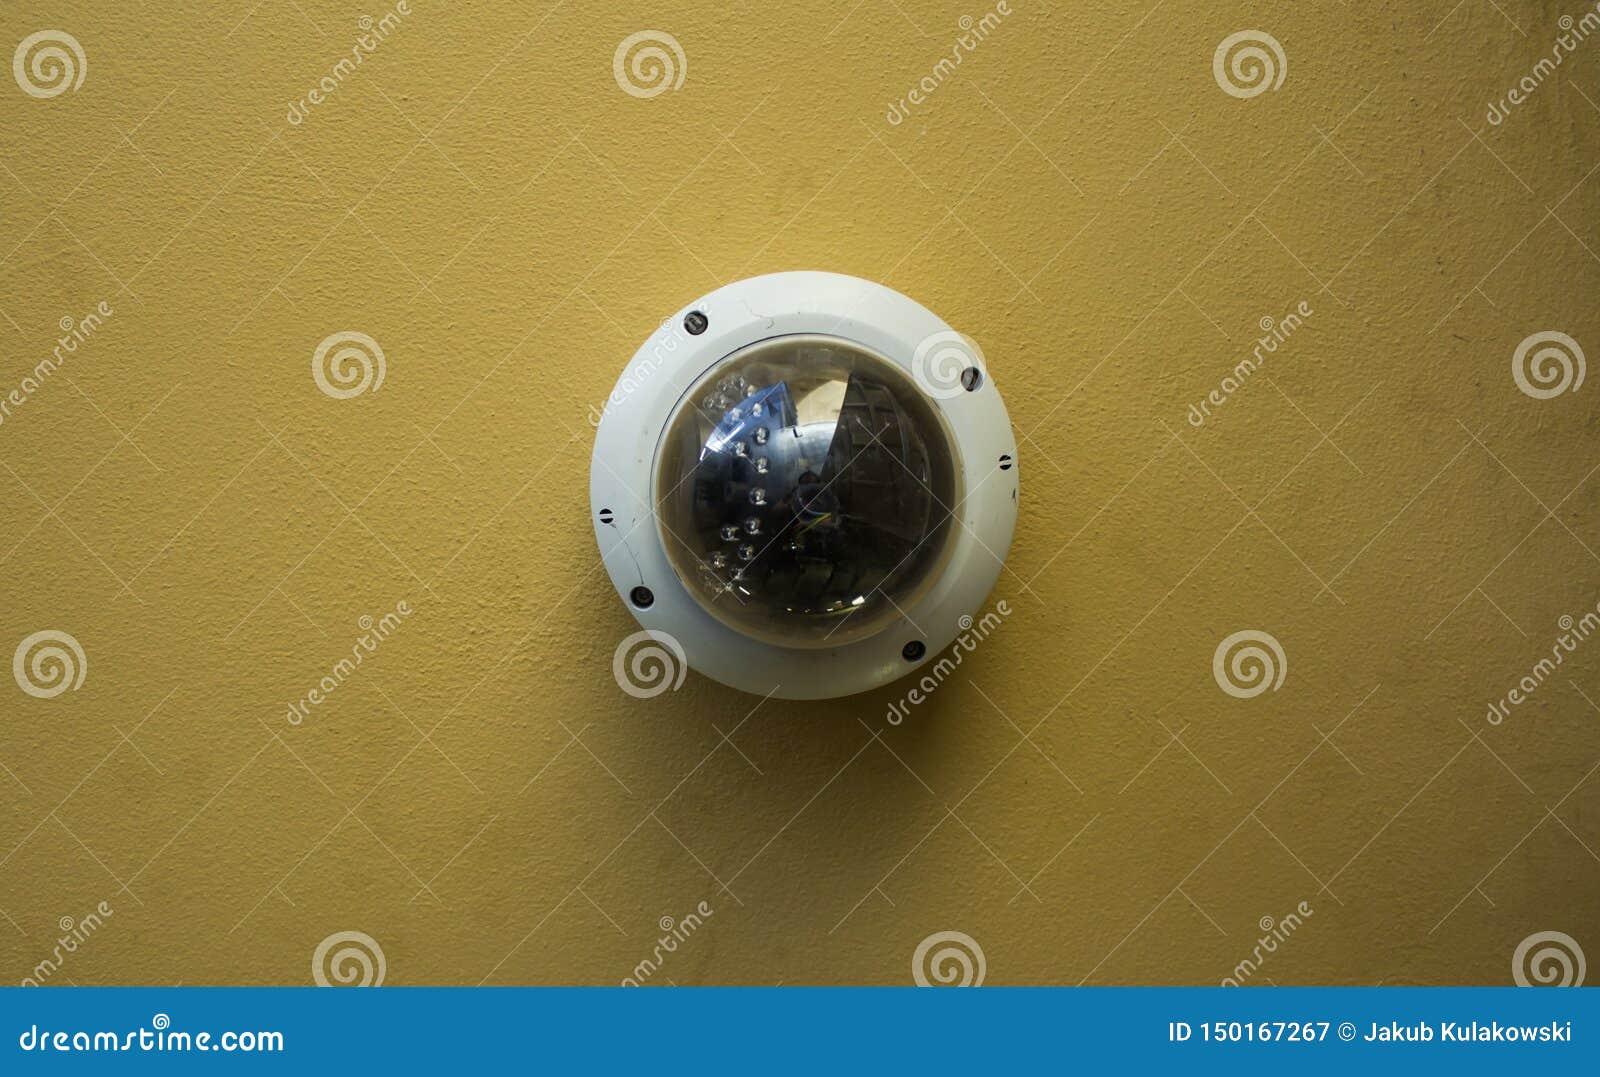 Videocamera di sicurezza rotonda moderna su un soffitto giallo